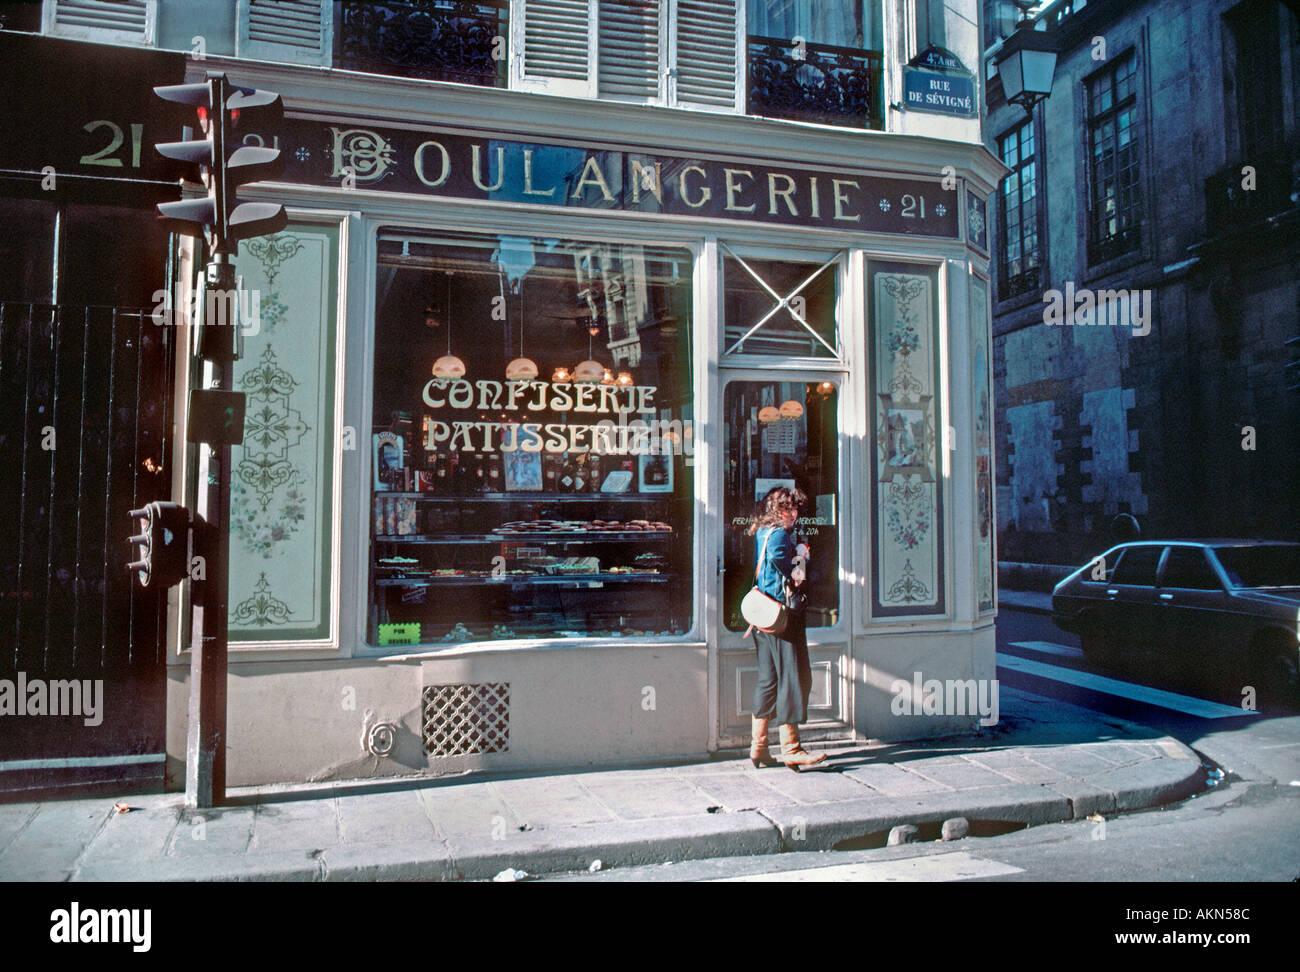 Paris France Old French Bakery Boulangerie Patisserie Exterior Vintage Shop Front Rue De Sevigne Before Renovations